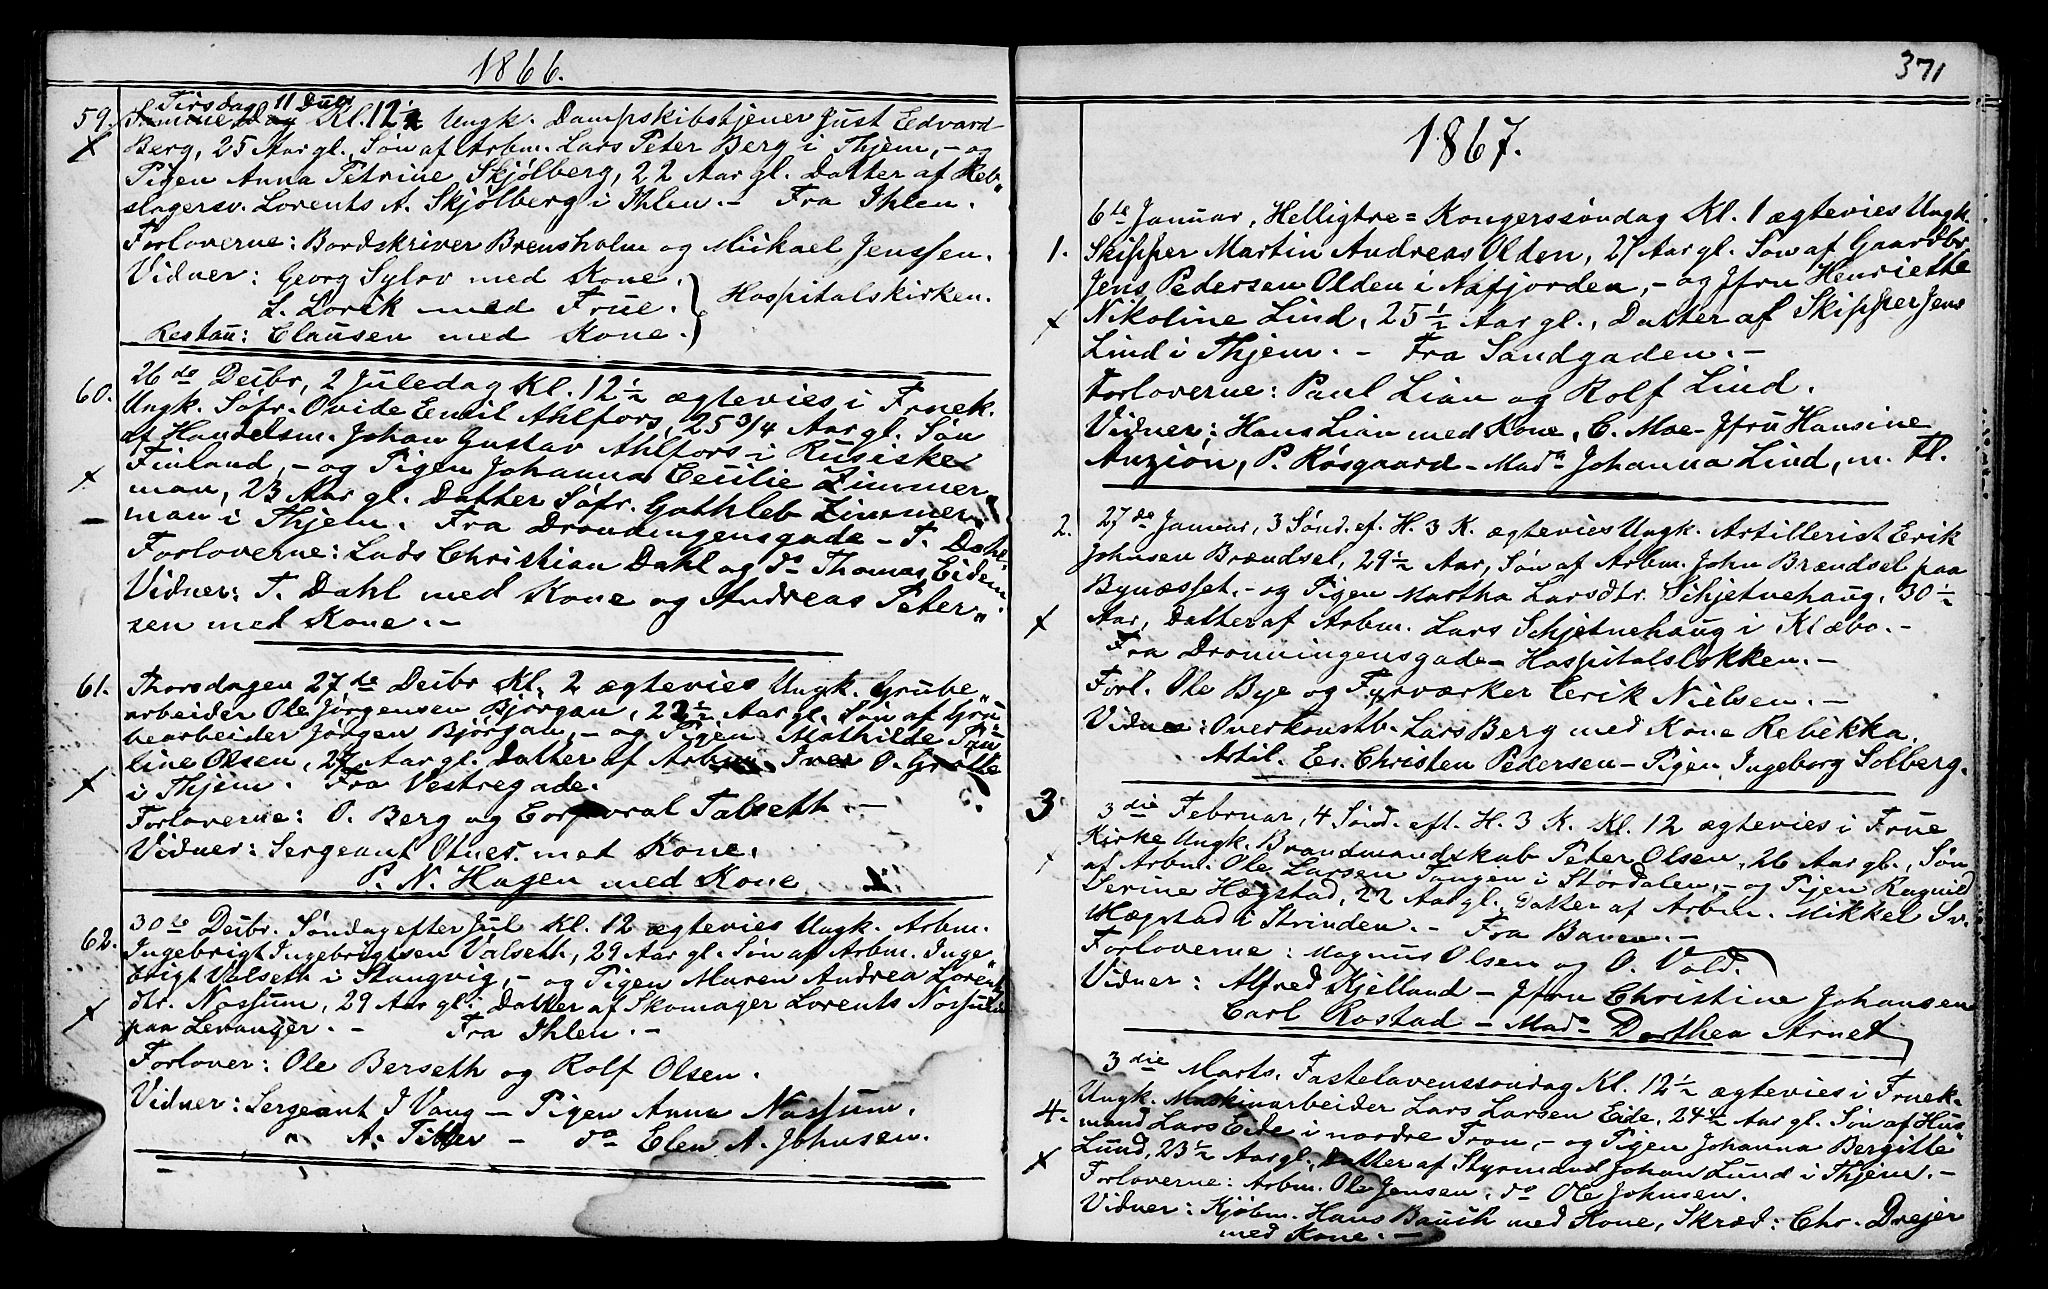 SAT, Ministerialprotokoller, klokkerbøker og fødselsregistre - Sør-Trøndelag, 602/L0140: Klokkerbok nr. 602C08, 1864-1872, s. 370-371